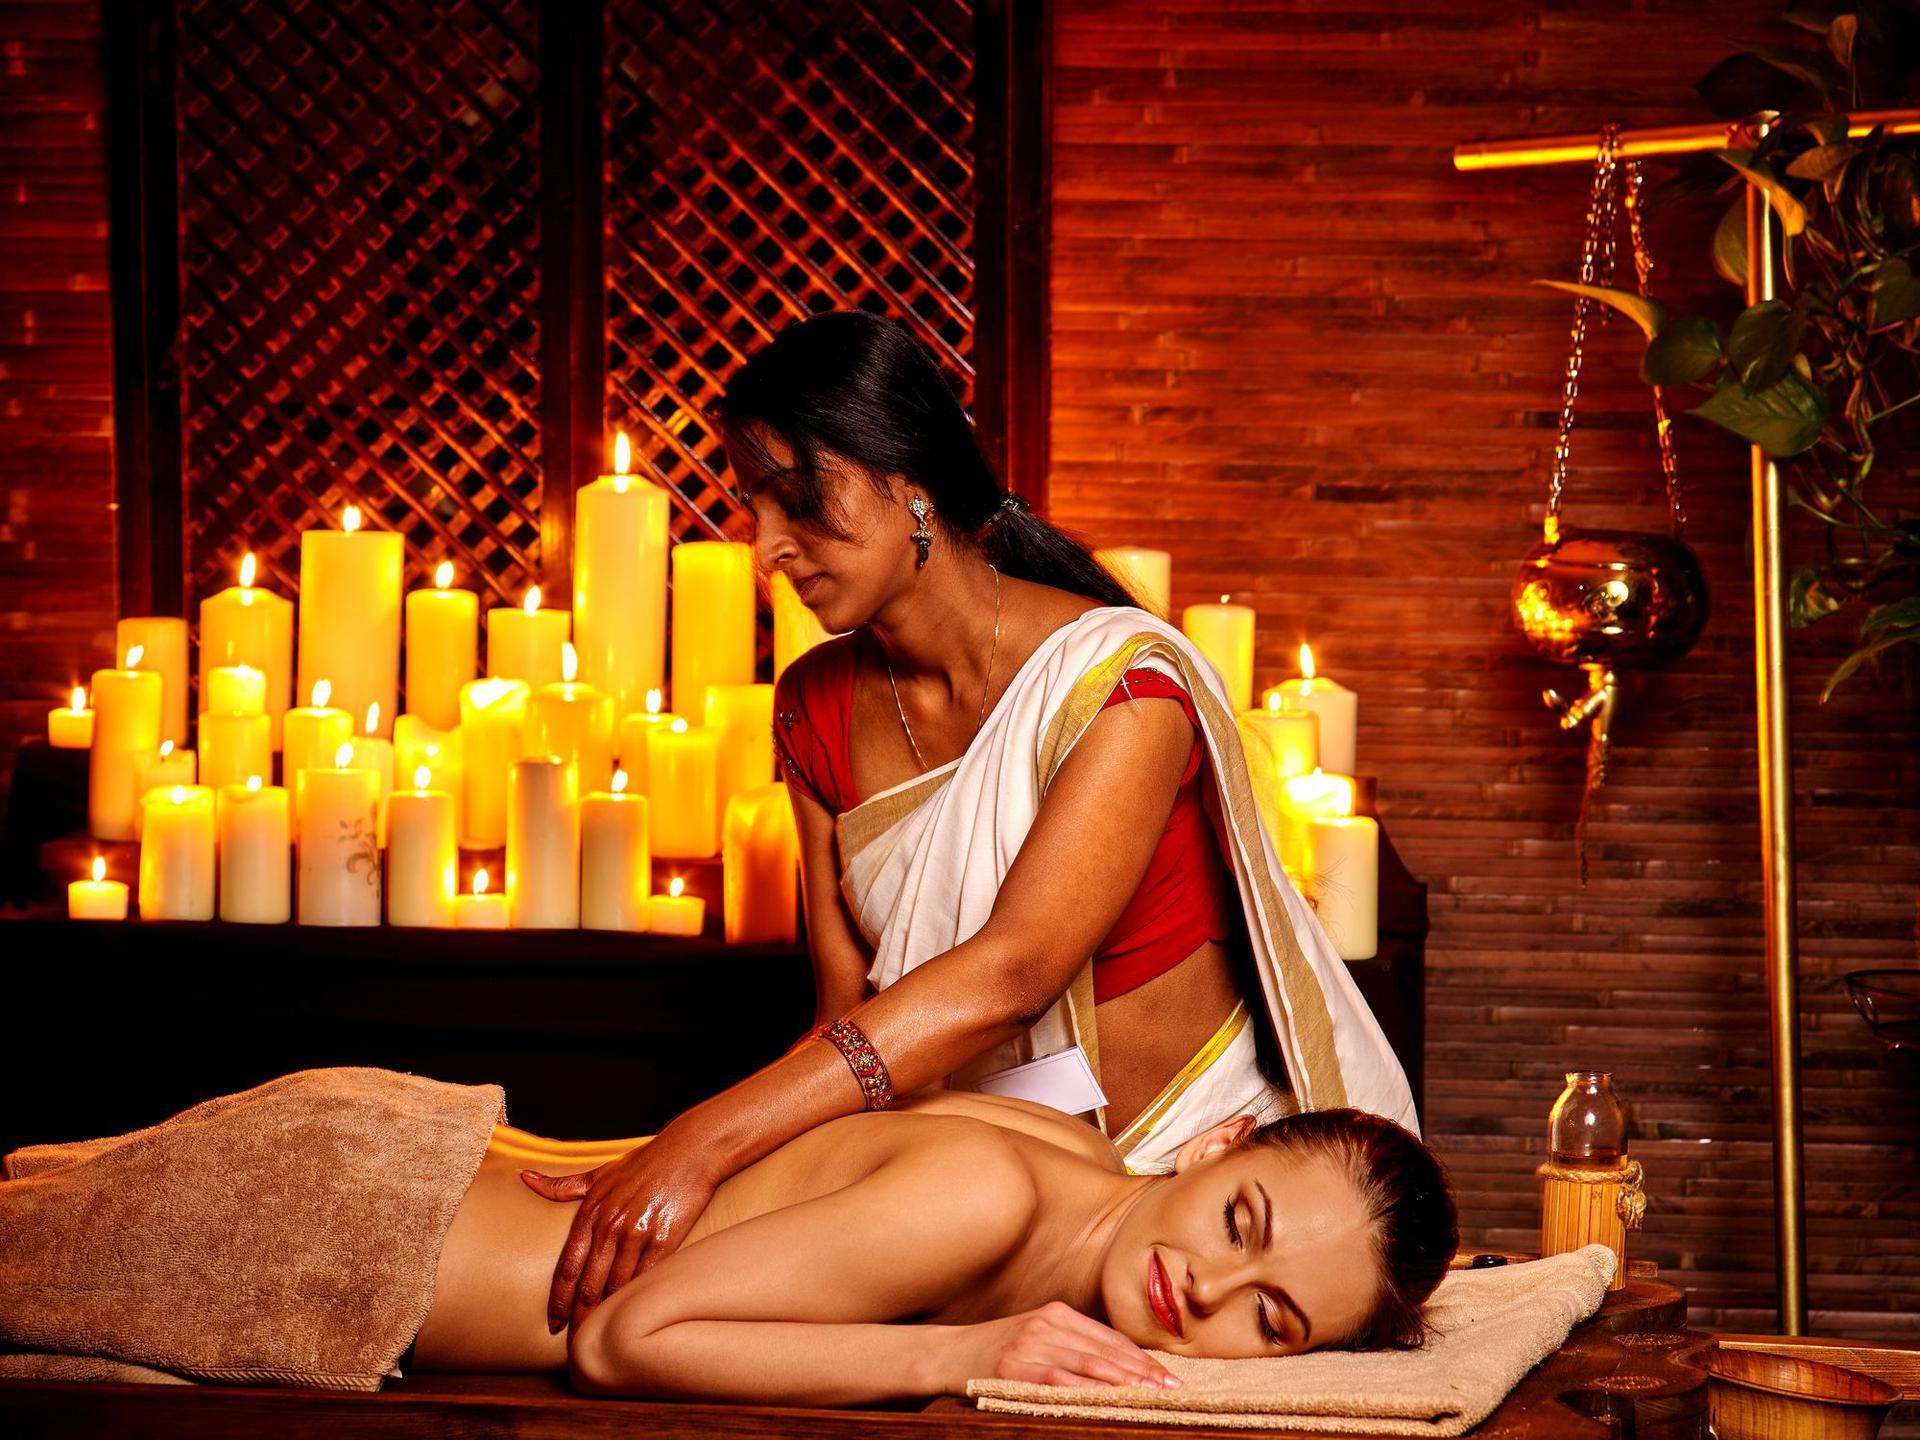 masaż całego ciała podczas seksu dzikie orgie seksualne